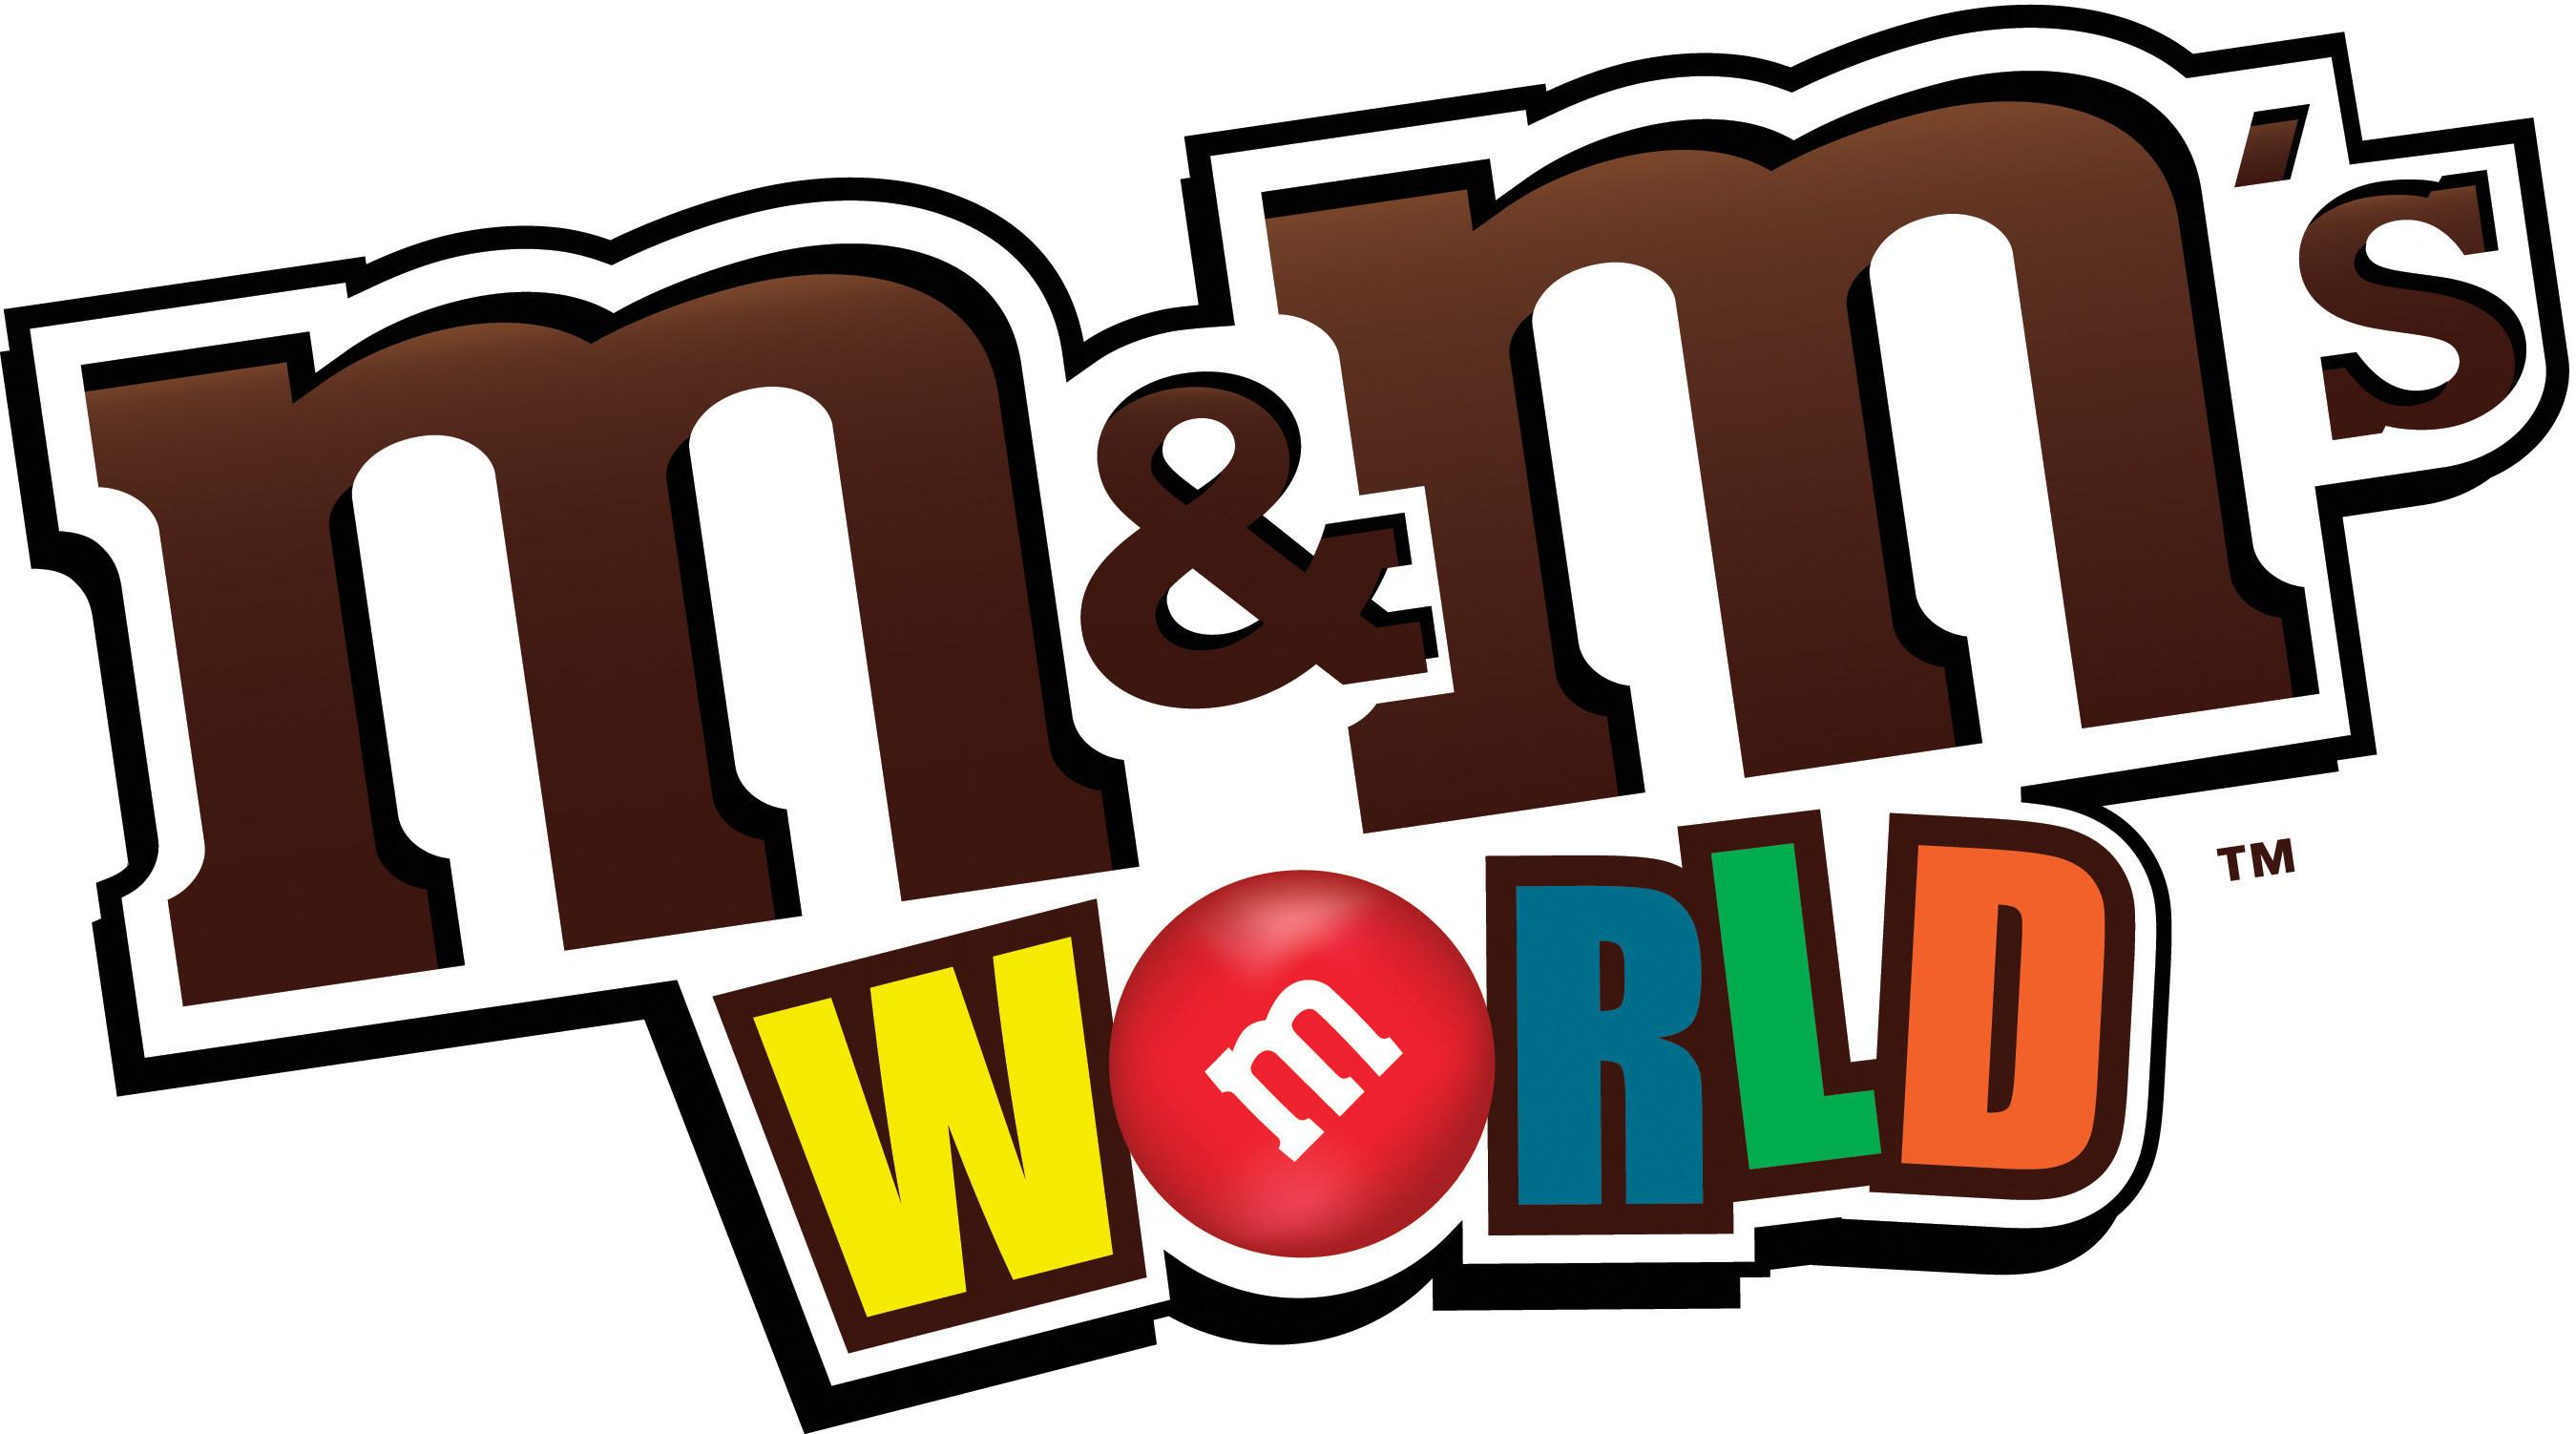 MMWhdr logo